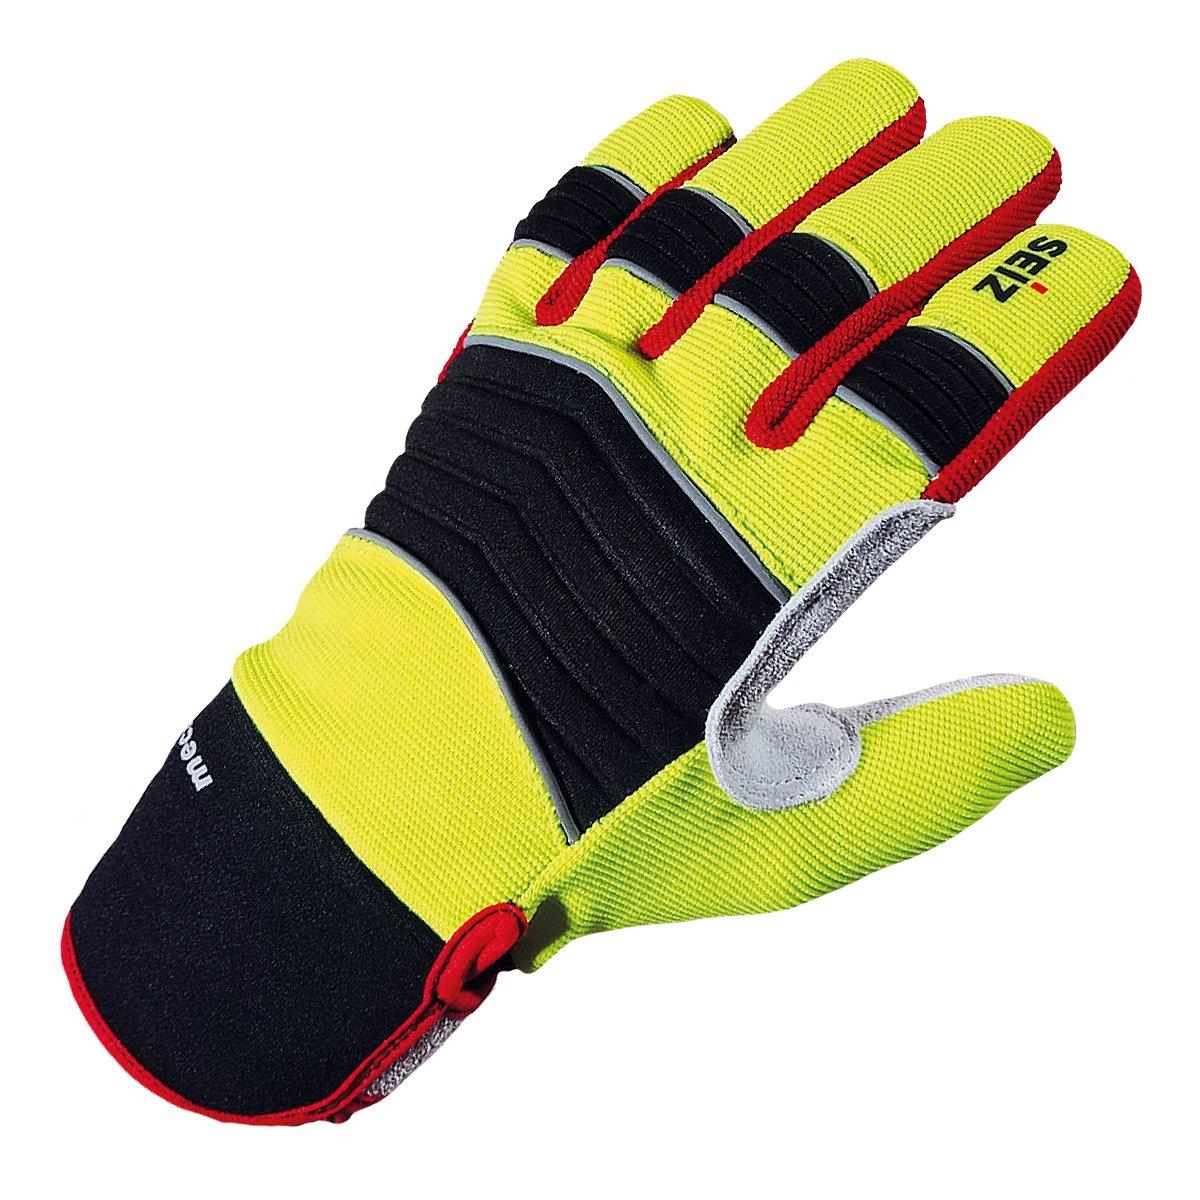 SEIZ Mechanic 800185 Universeller Handschuh fü r Rettungskrä fte, Gr. 6 800185 #06